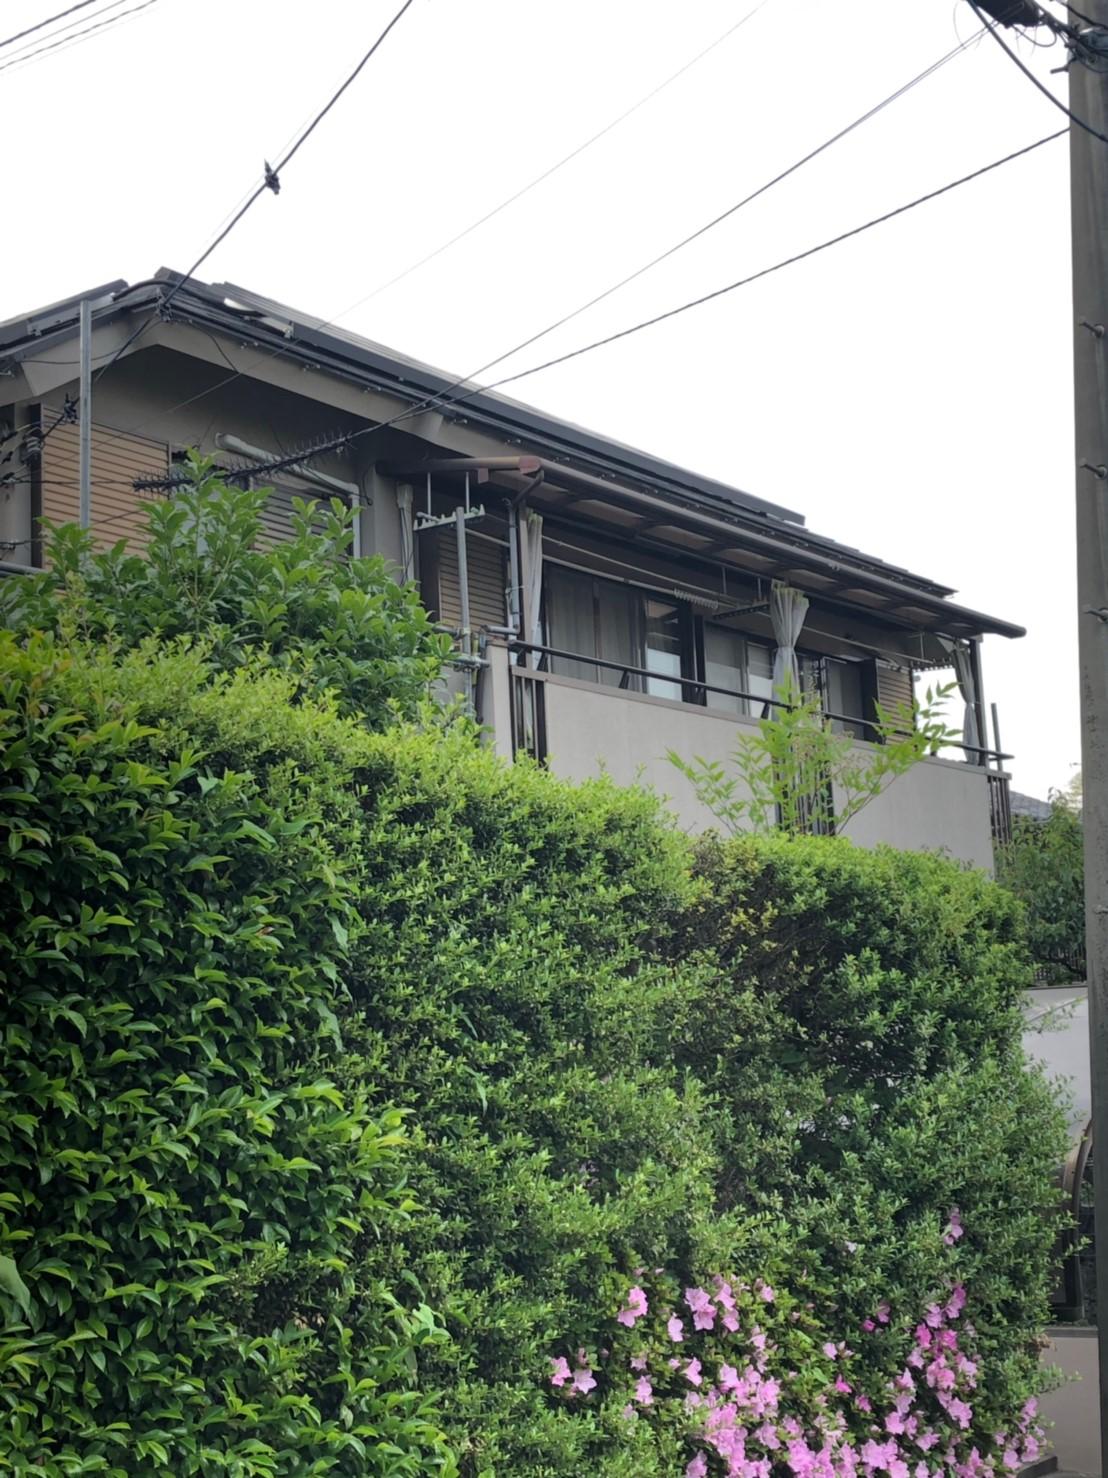 東京都町田市で雨樋を実費負担無料修理のご報告2